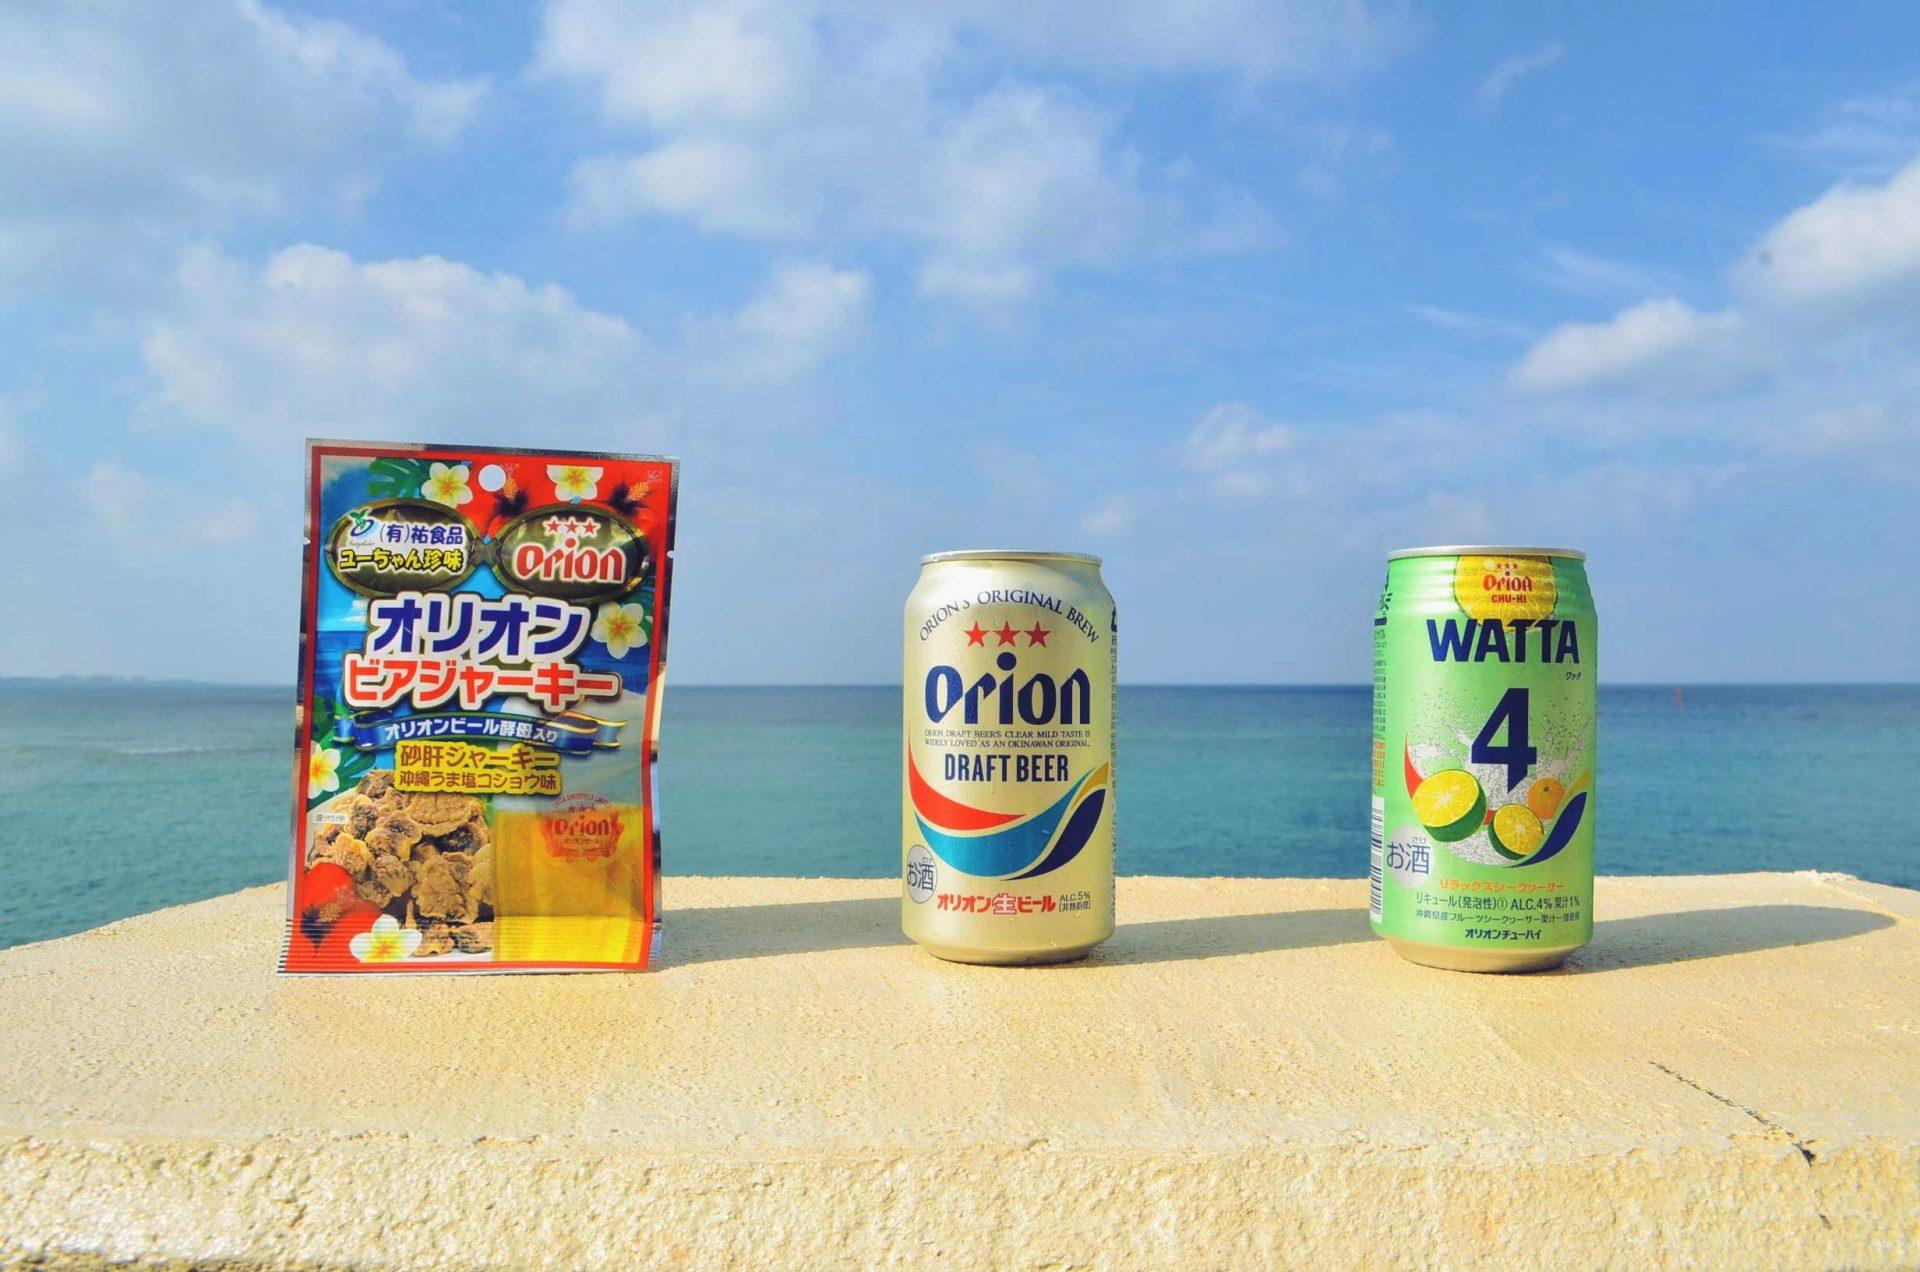 沖縄 コンビニ お土産 沖縄土産 オリオンビール WATTA